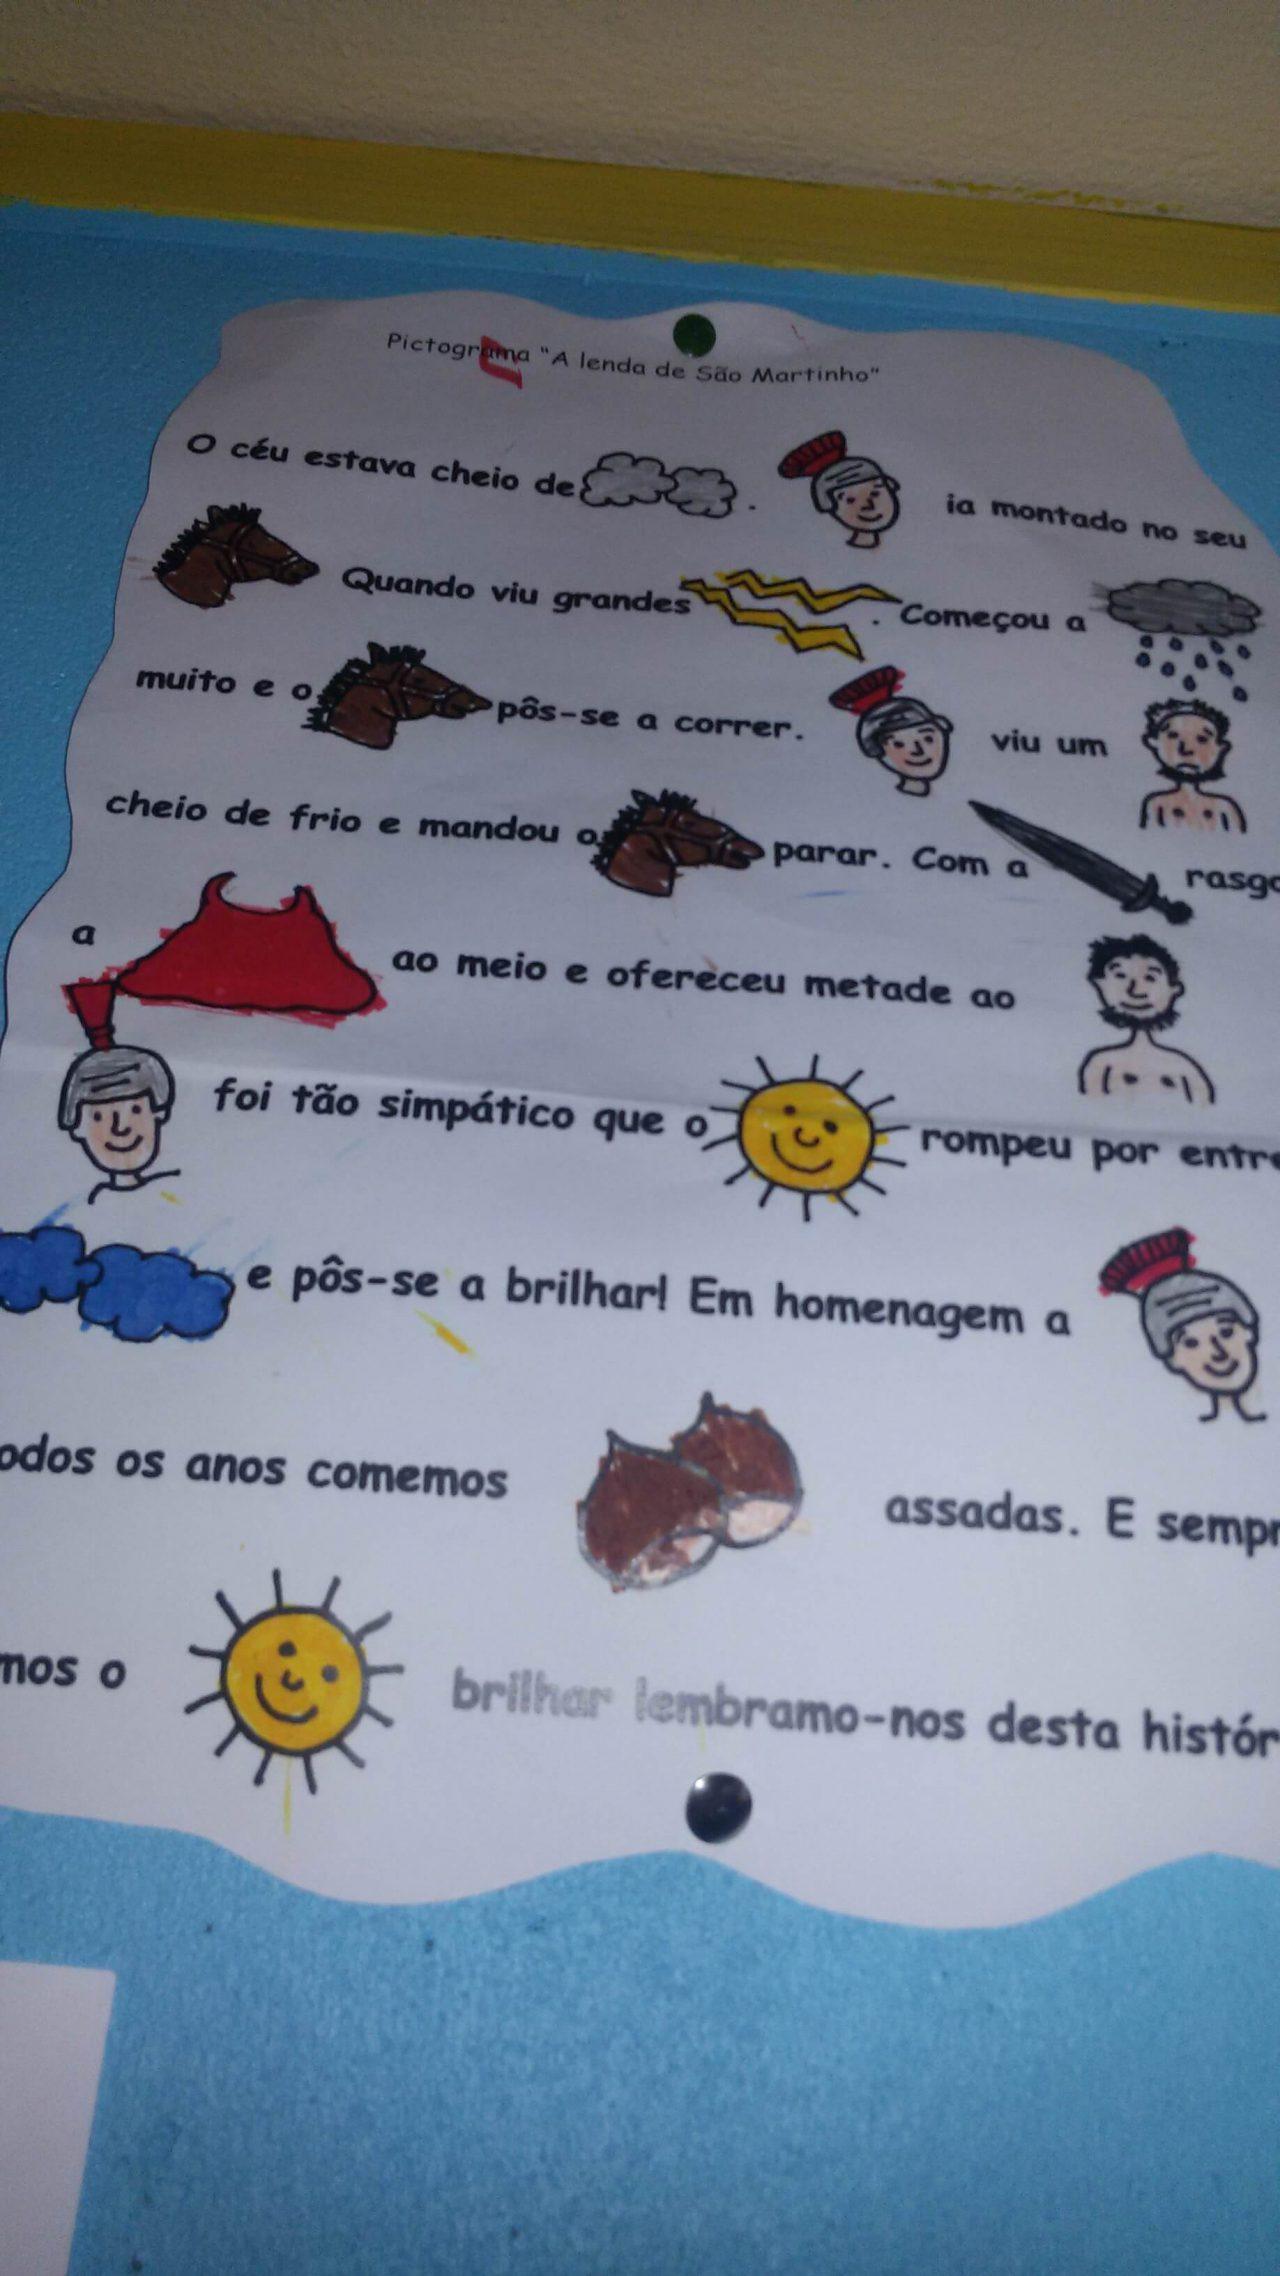 pictograma-lenda-de-S-Martinho-1-1280x2276.jpg